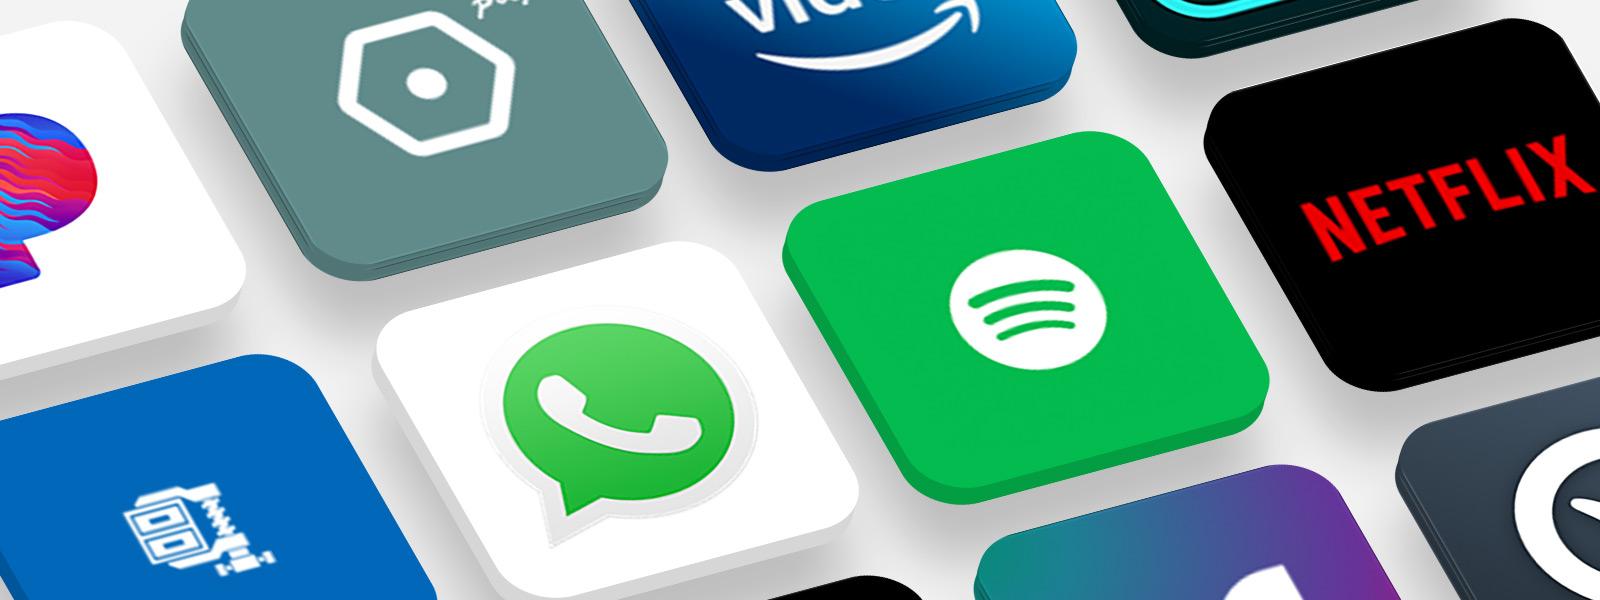 Logotipos de muchas aplicaciones populares